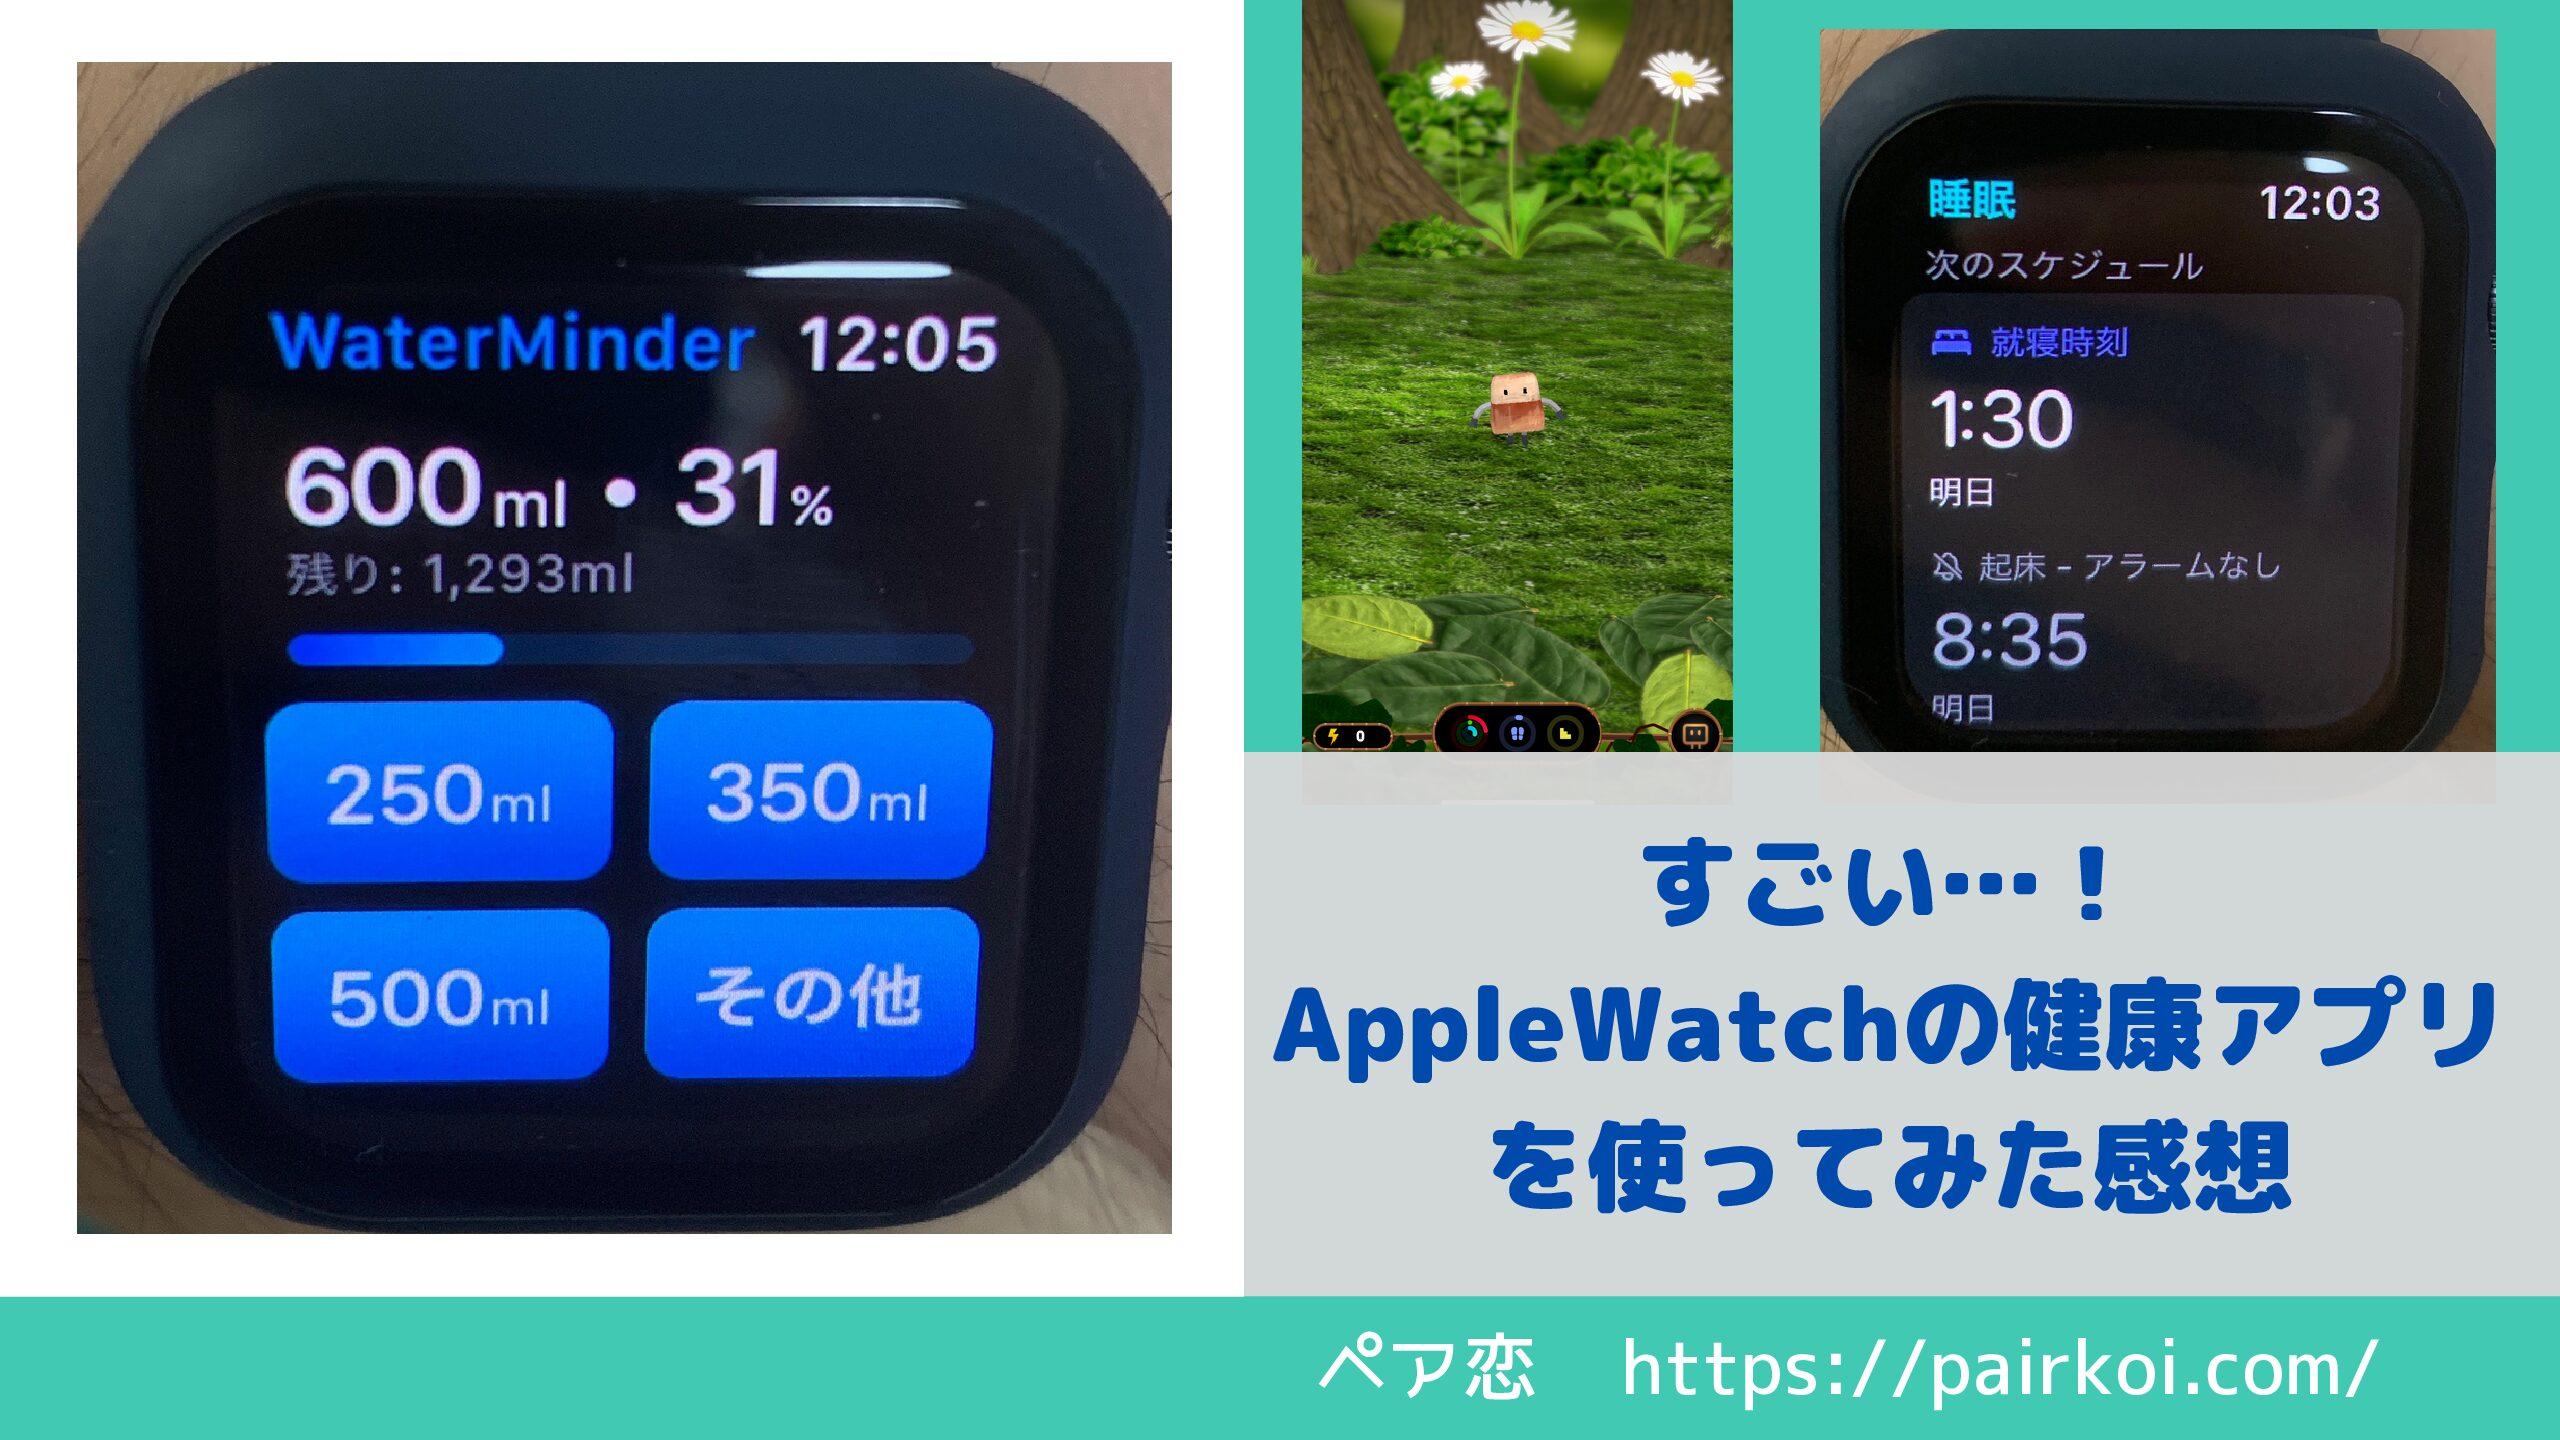 すごい…!AppleWatchの健康アプリを使ってみた感想